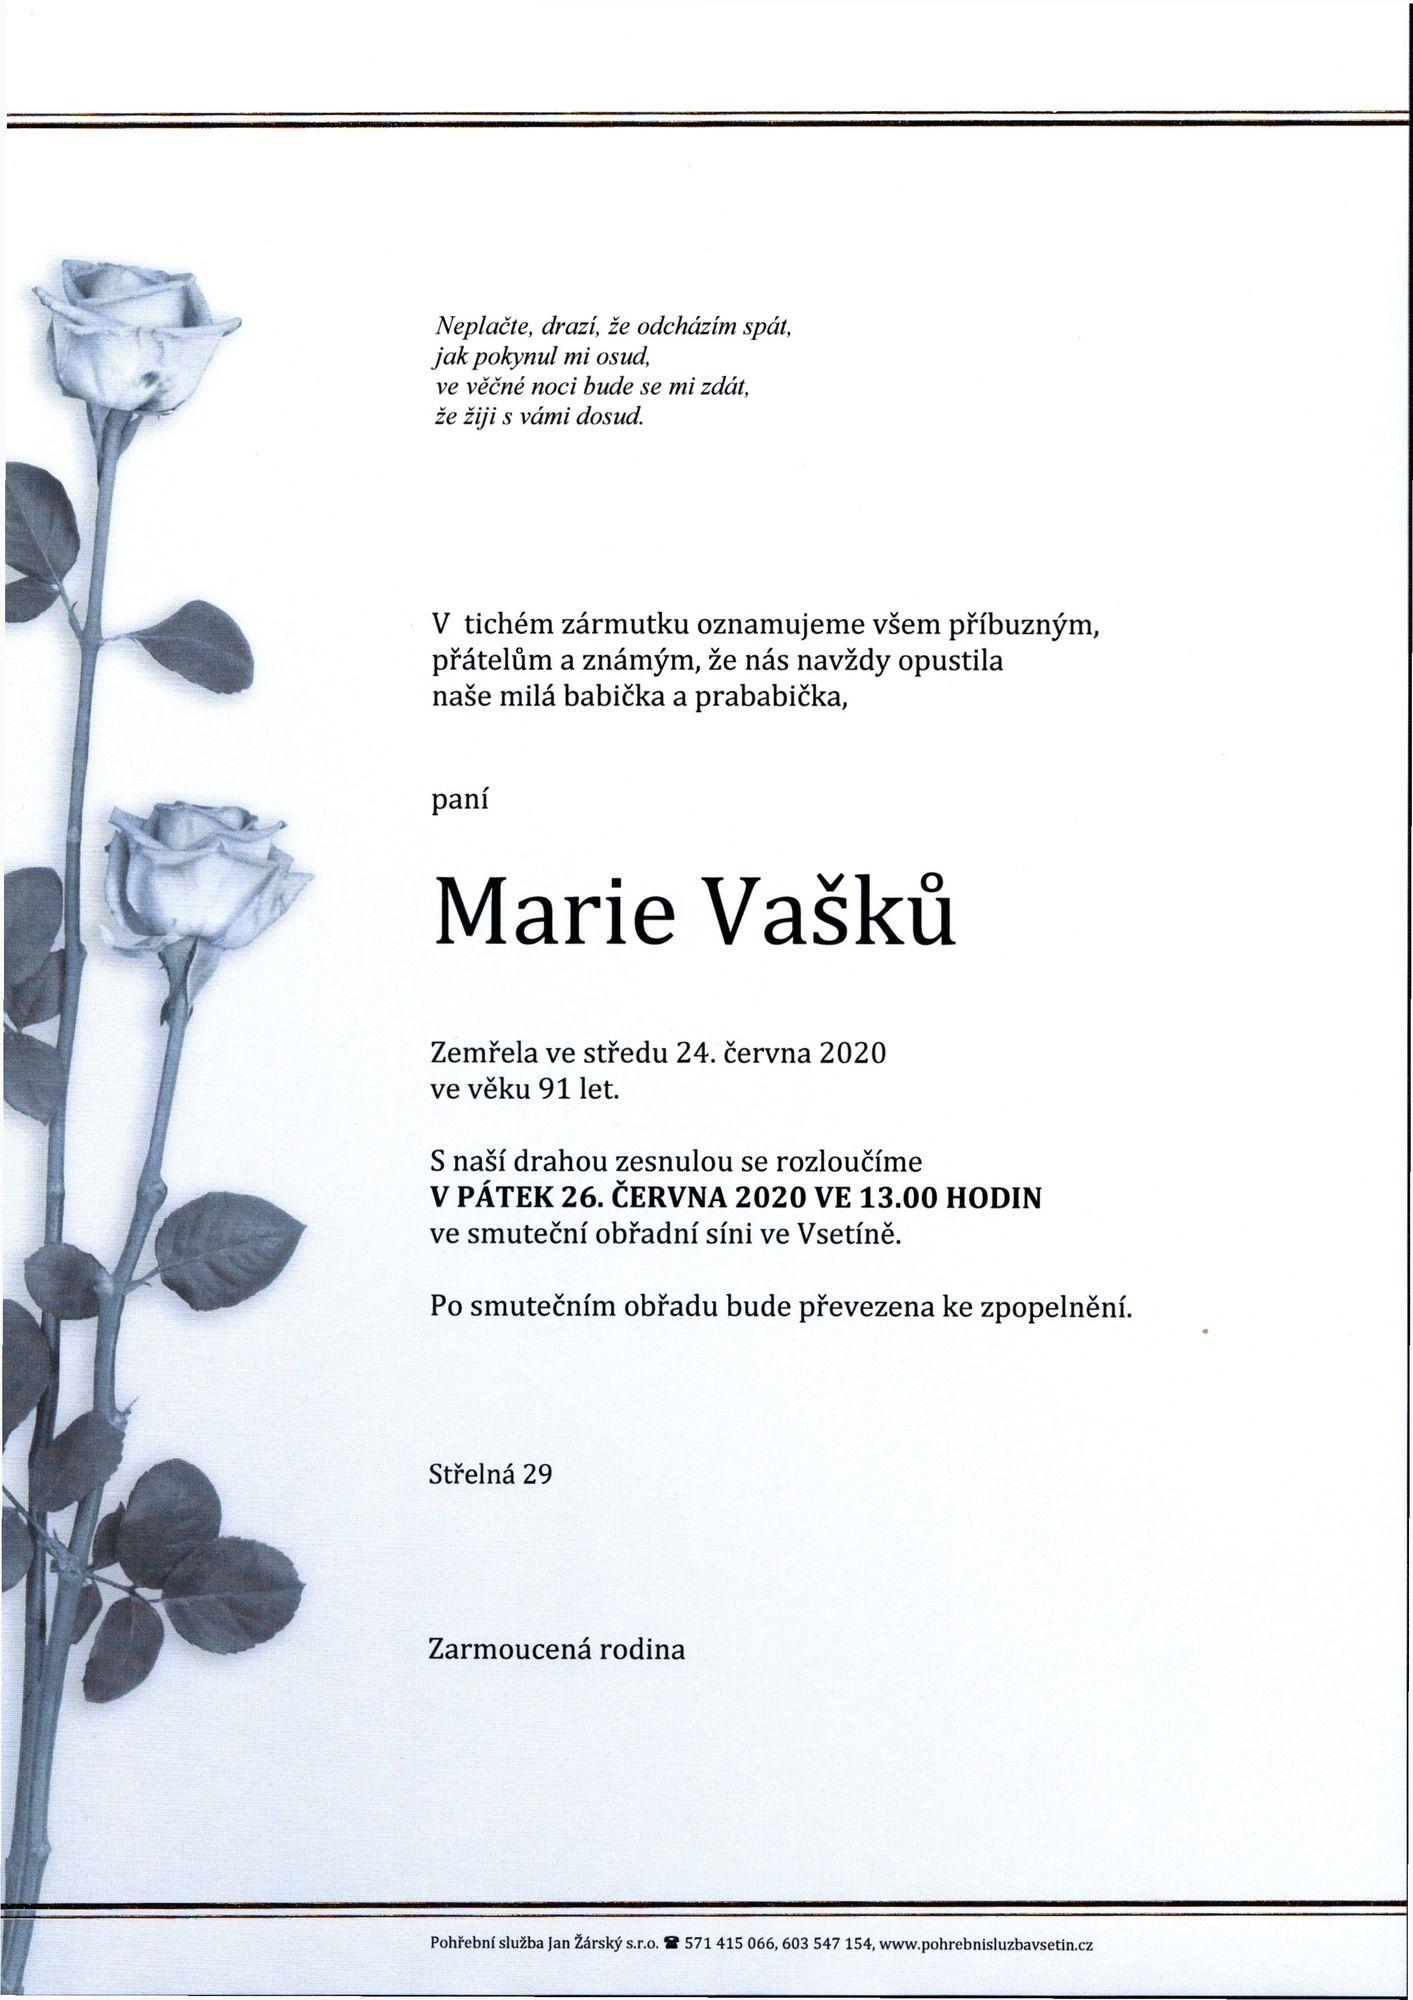 Marie Vašků